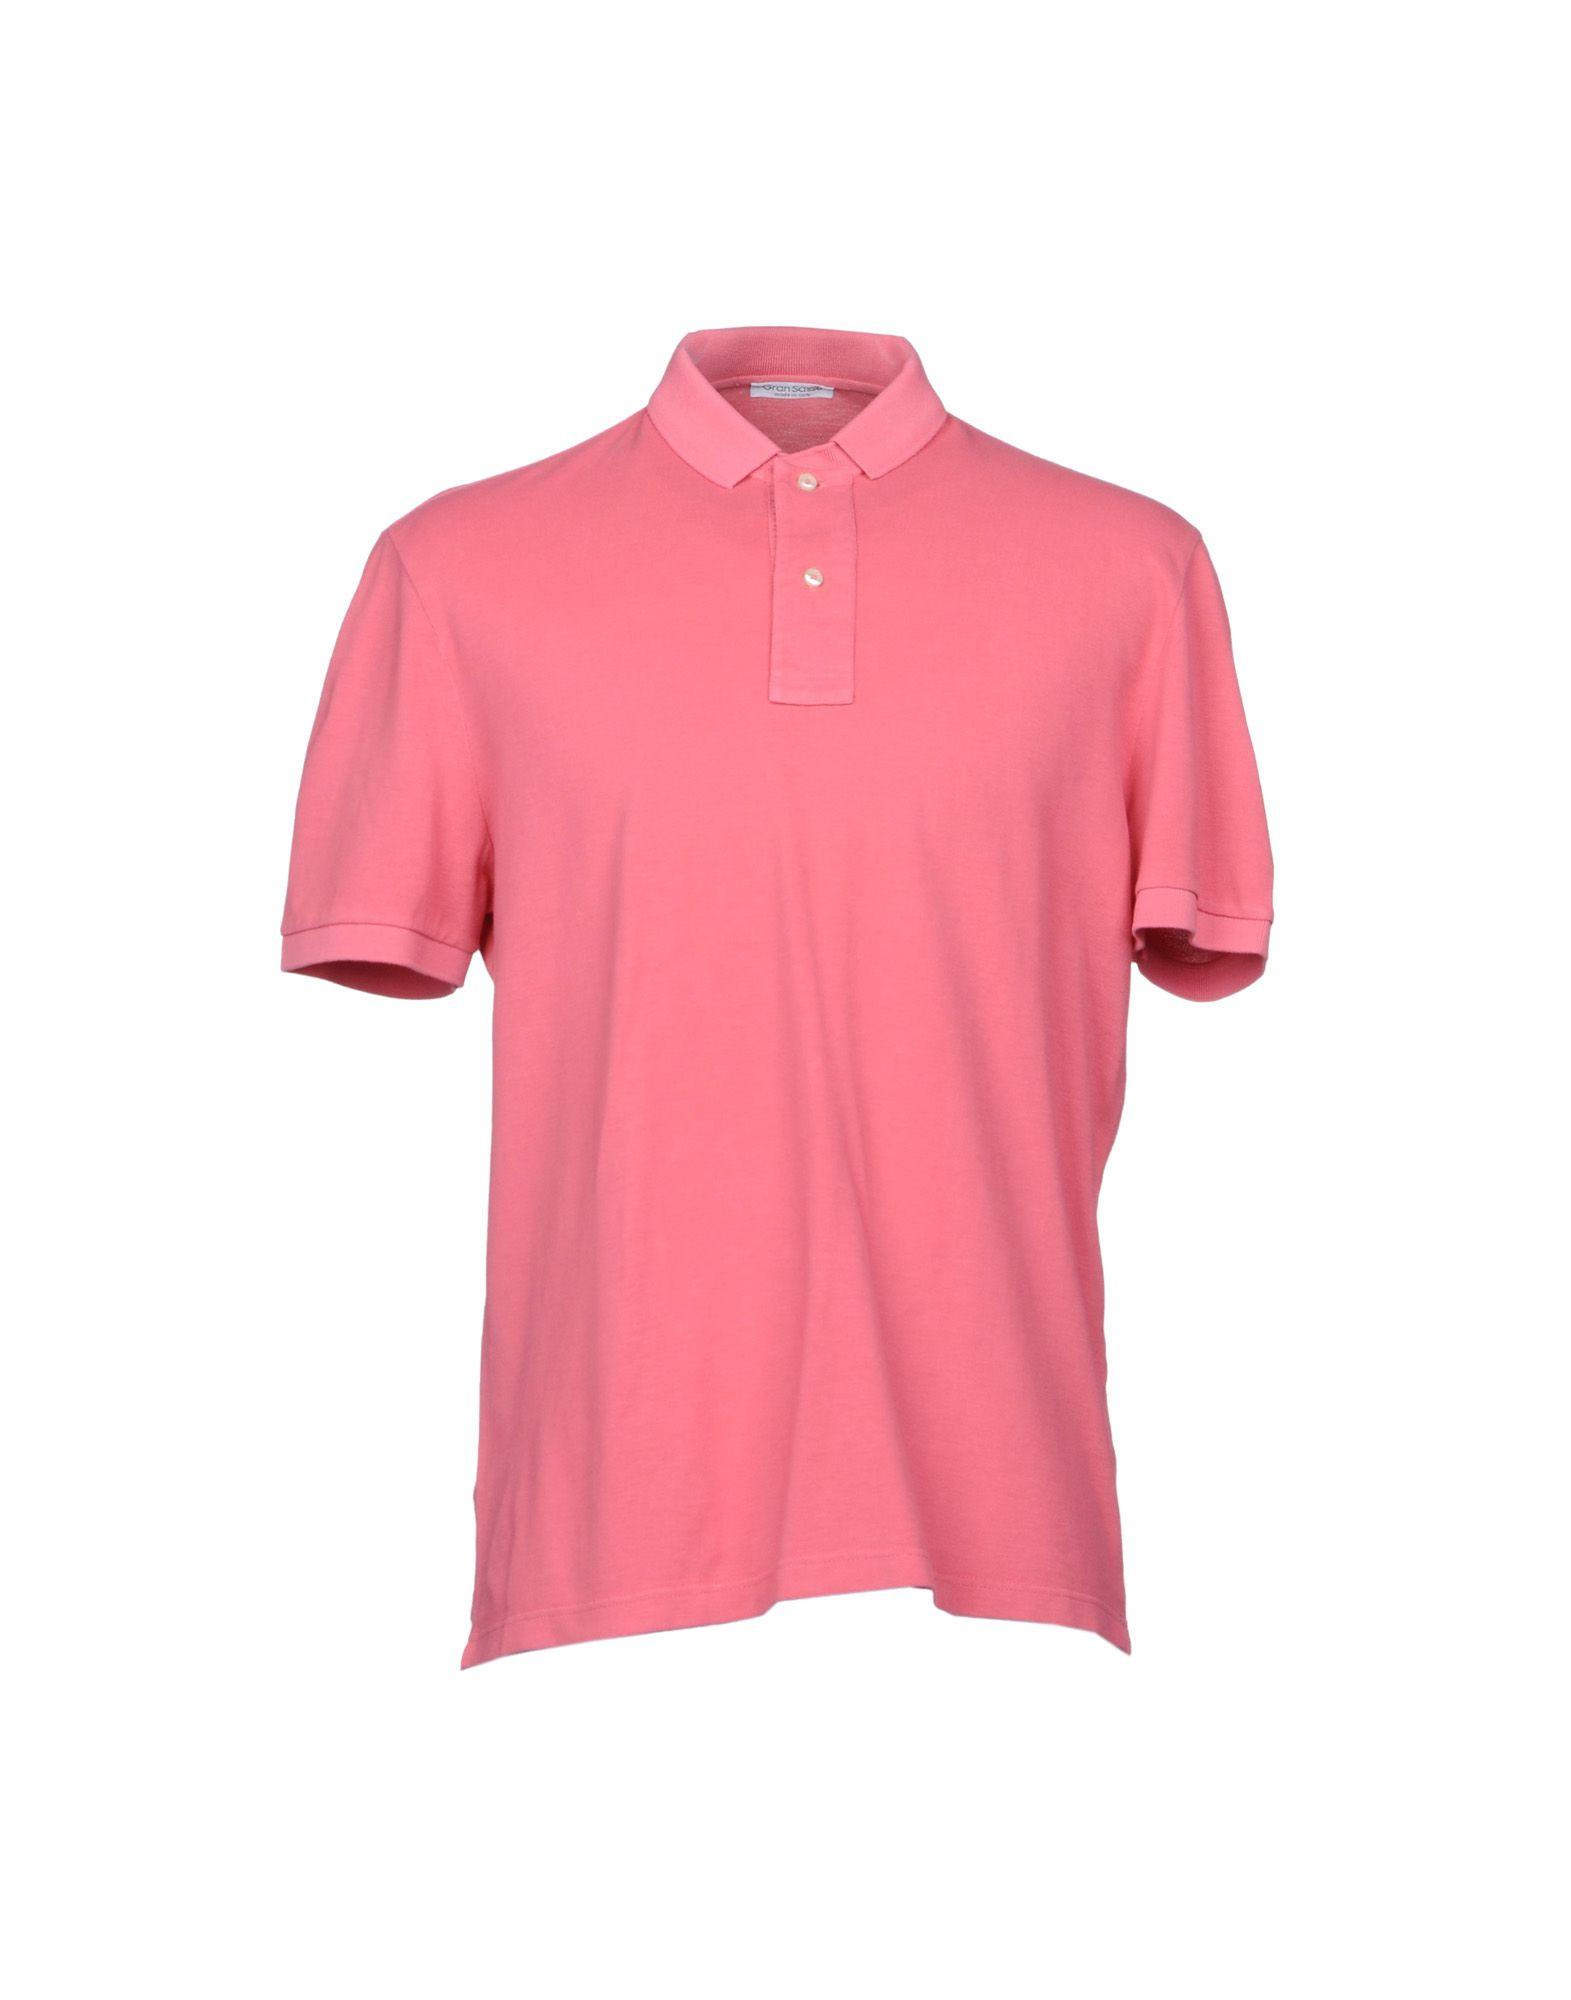 GRAN SASSO Herren Poloshirt Farbe Fuchsia Größe 5 jetztbilligerkaufen